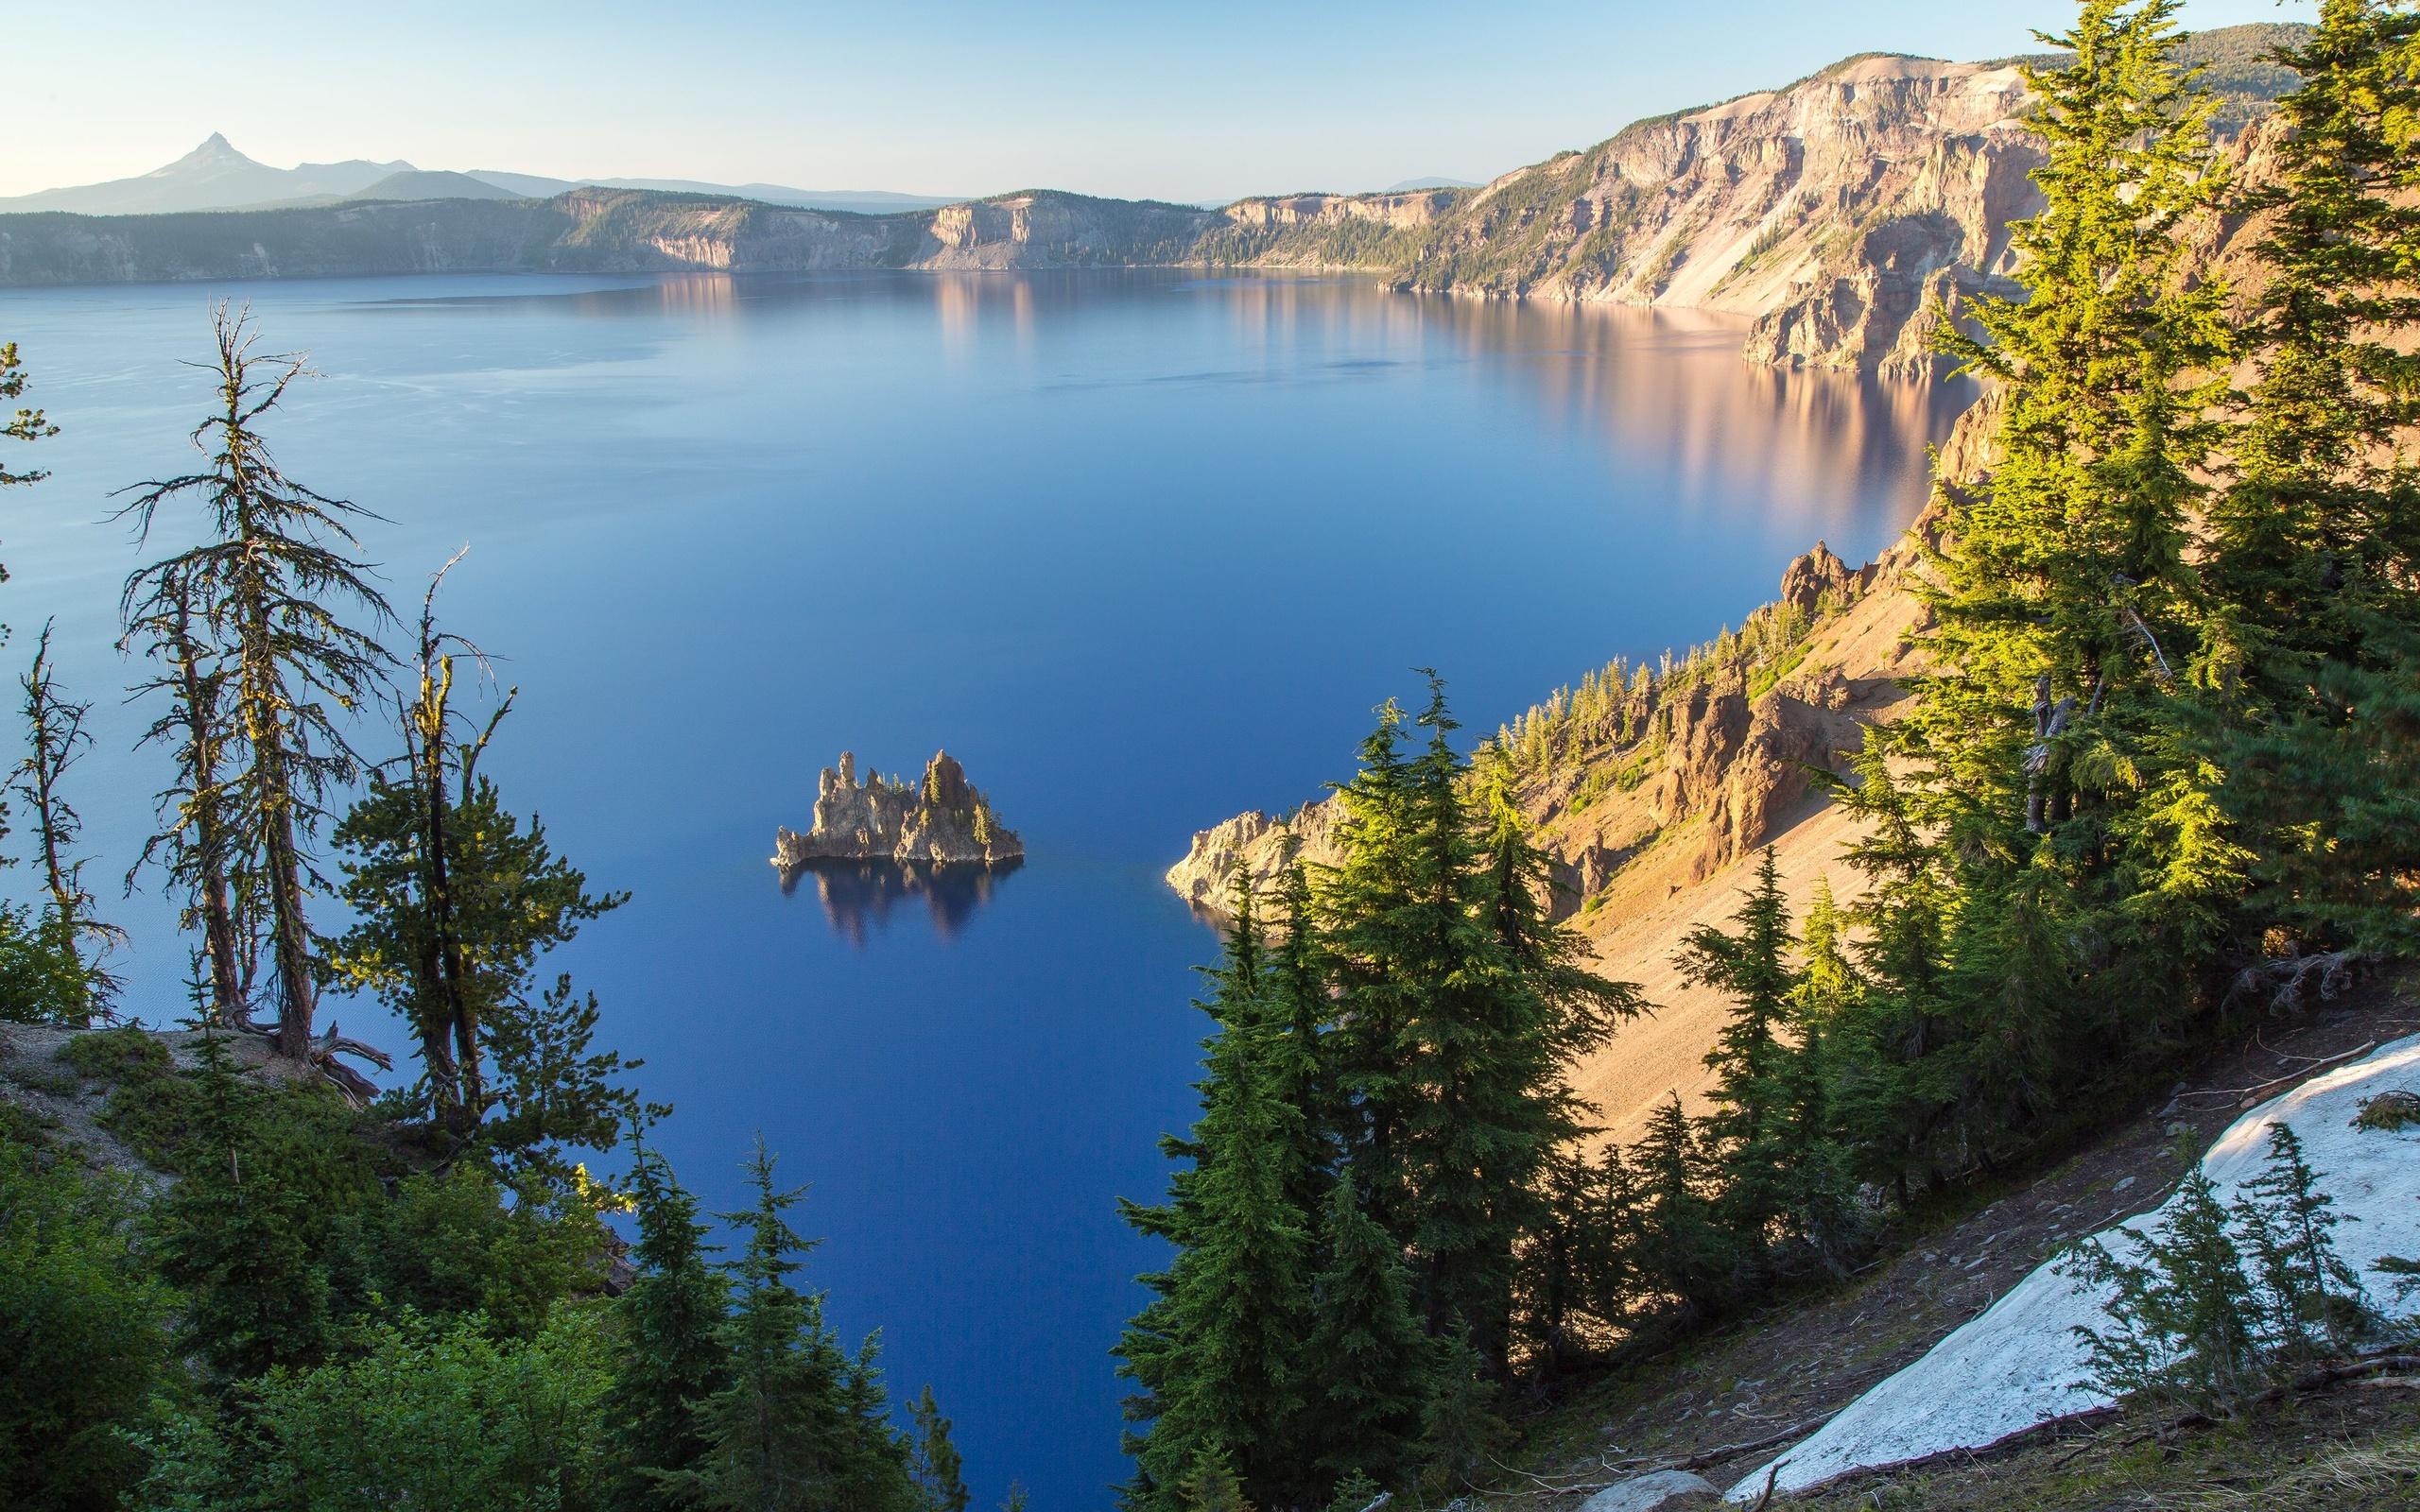 озеро байкал фото обои южной столице кузбасса